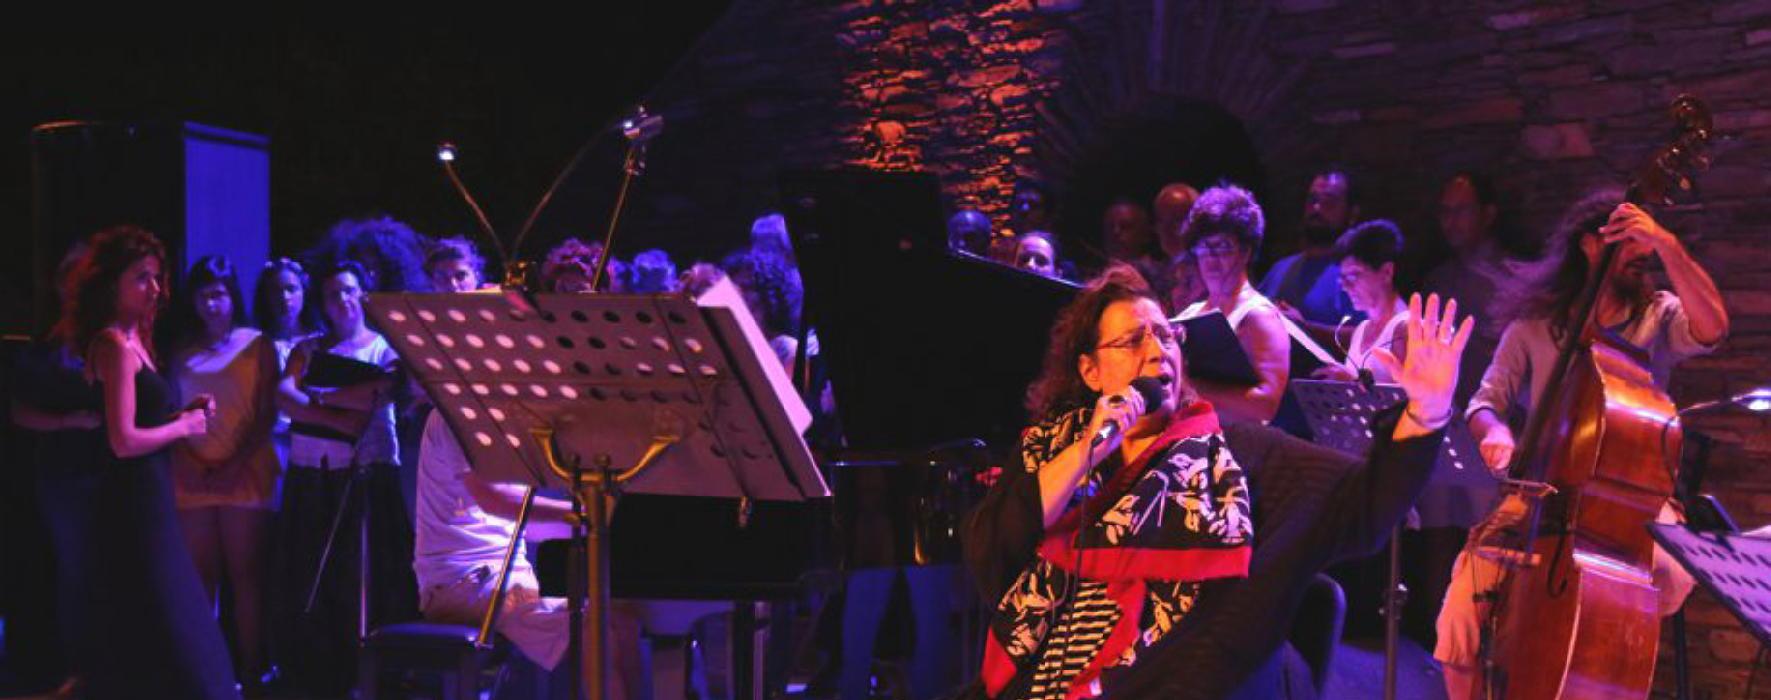 παραμονή συναυλίας Μαρίας Φαραντούρη  στην Άνδρο vanglouk androsfilm (1)